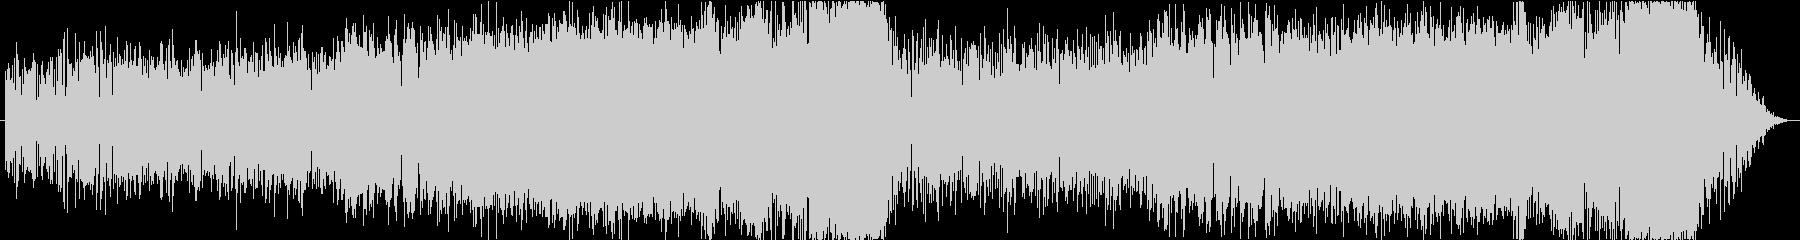 ほのぼのした木管と弦のRPG街系ループ曲の未再生の波形